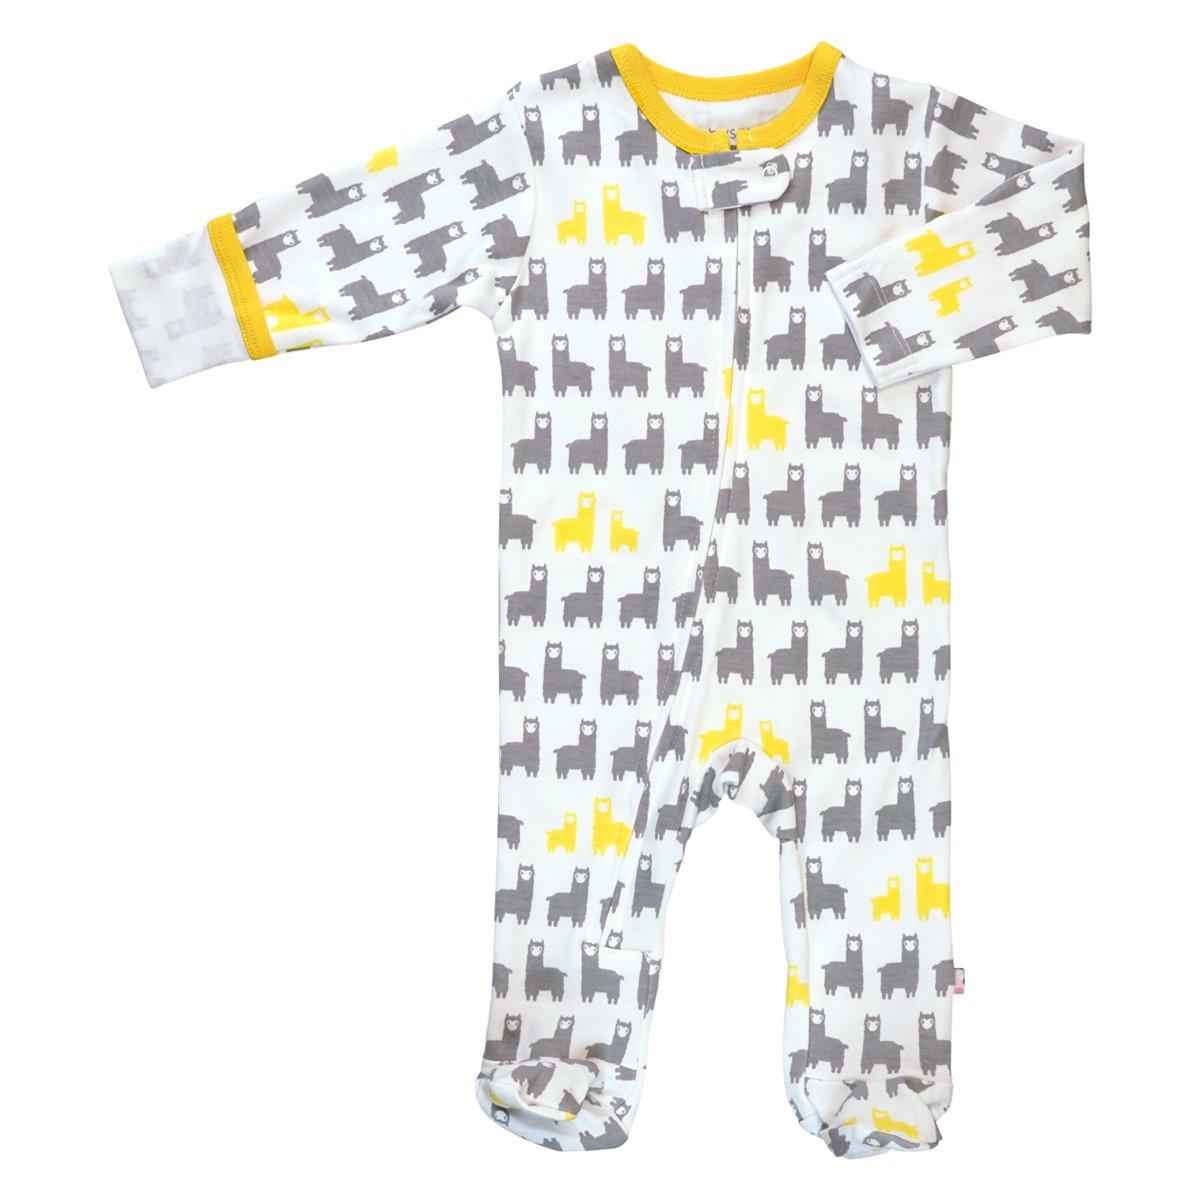 Babysoy SLEEPWEAR ユニセックスベビー B01MXT6OWV Llama/Sun B01MXT6OWV SLEEPWEAR 0 - Months|Llama/Sun 3 Months 0 - 3 Months|Llama/Sun, スーパーブッシュ:60647ea3 --- mail.tastykhabar.com